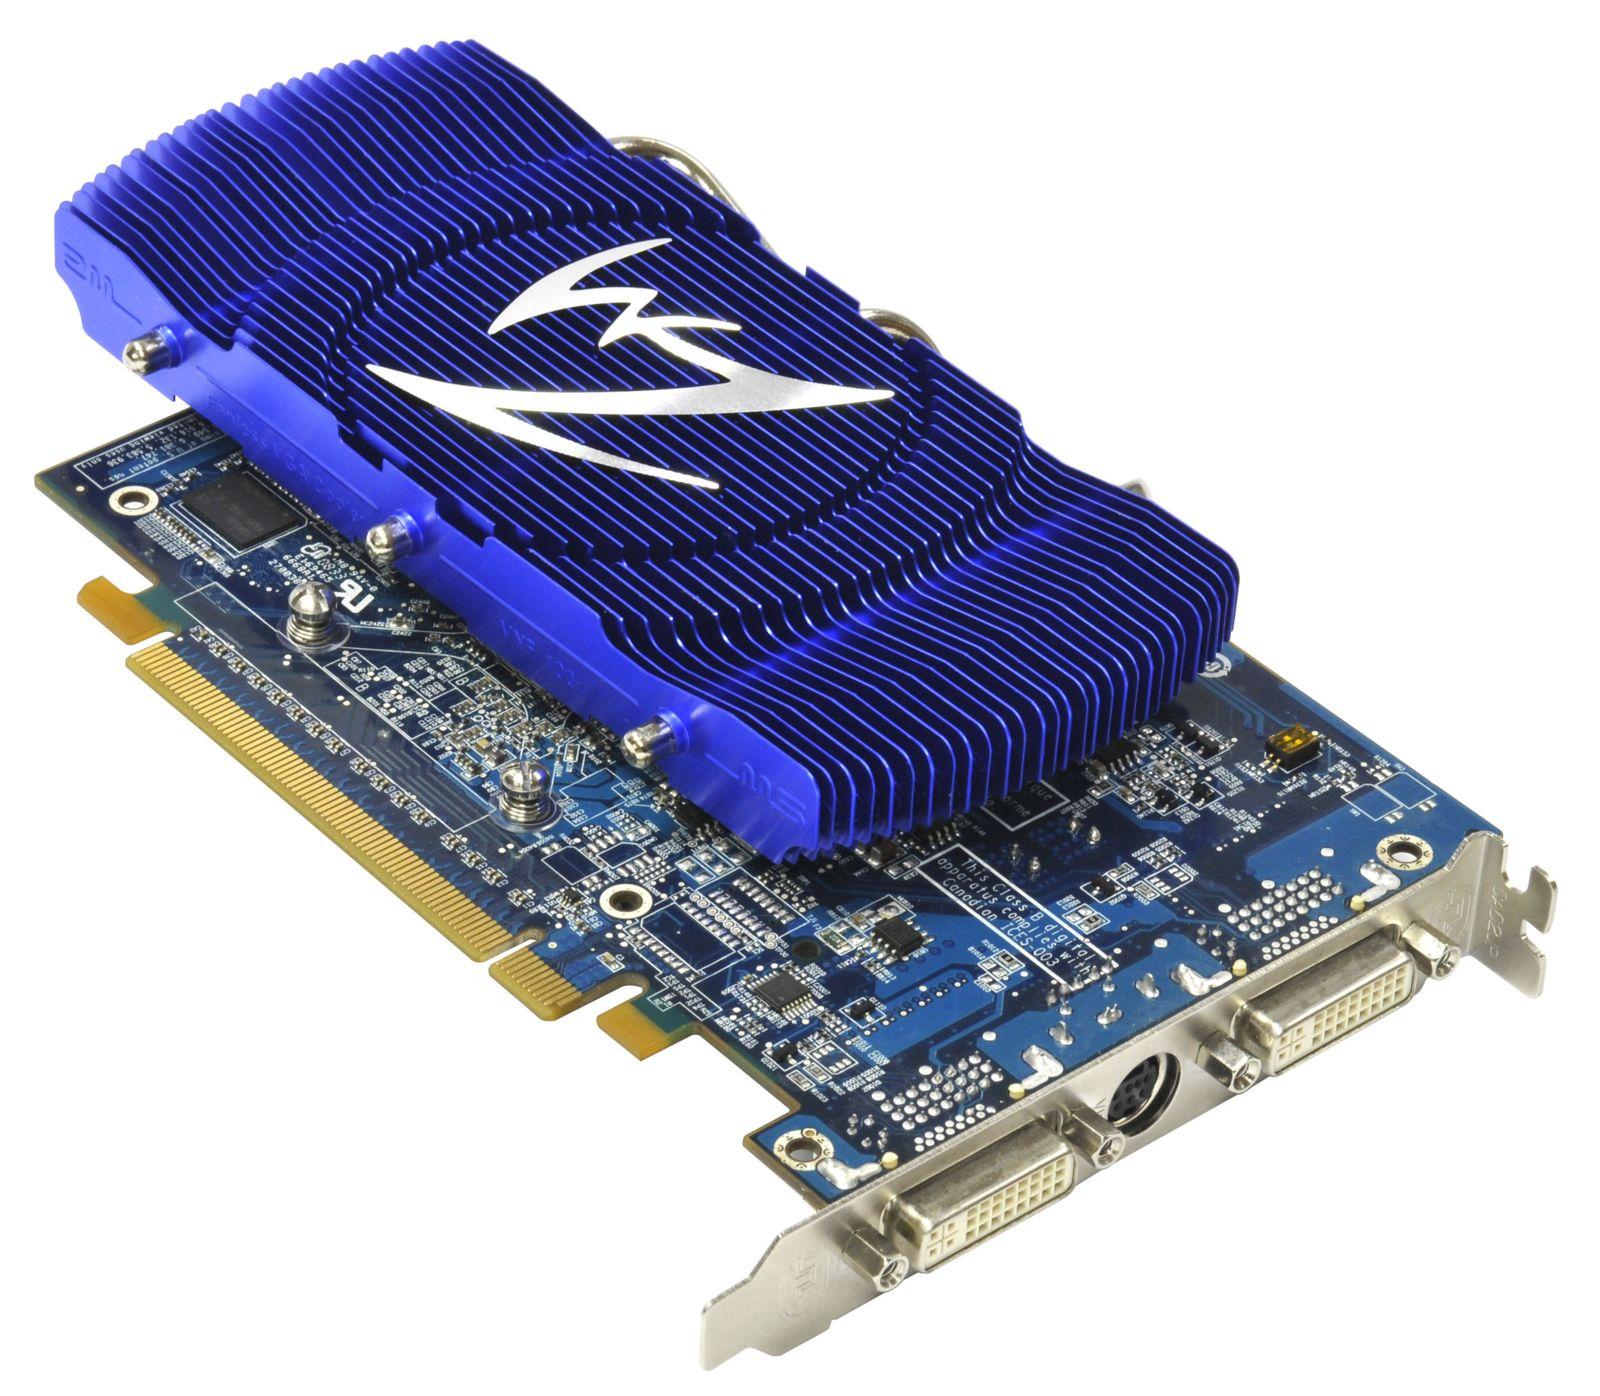 Ati Radeon Hd 4650 Driver Windows 7